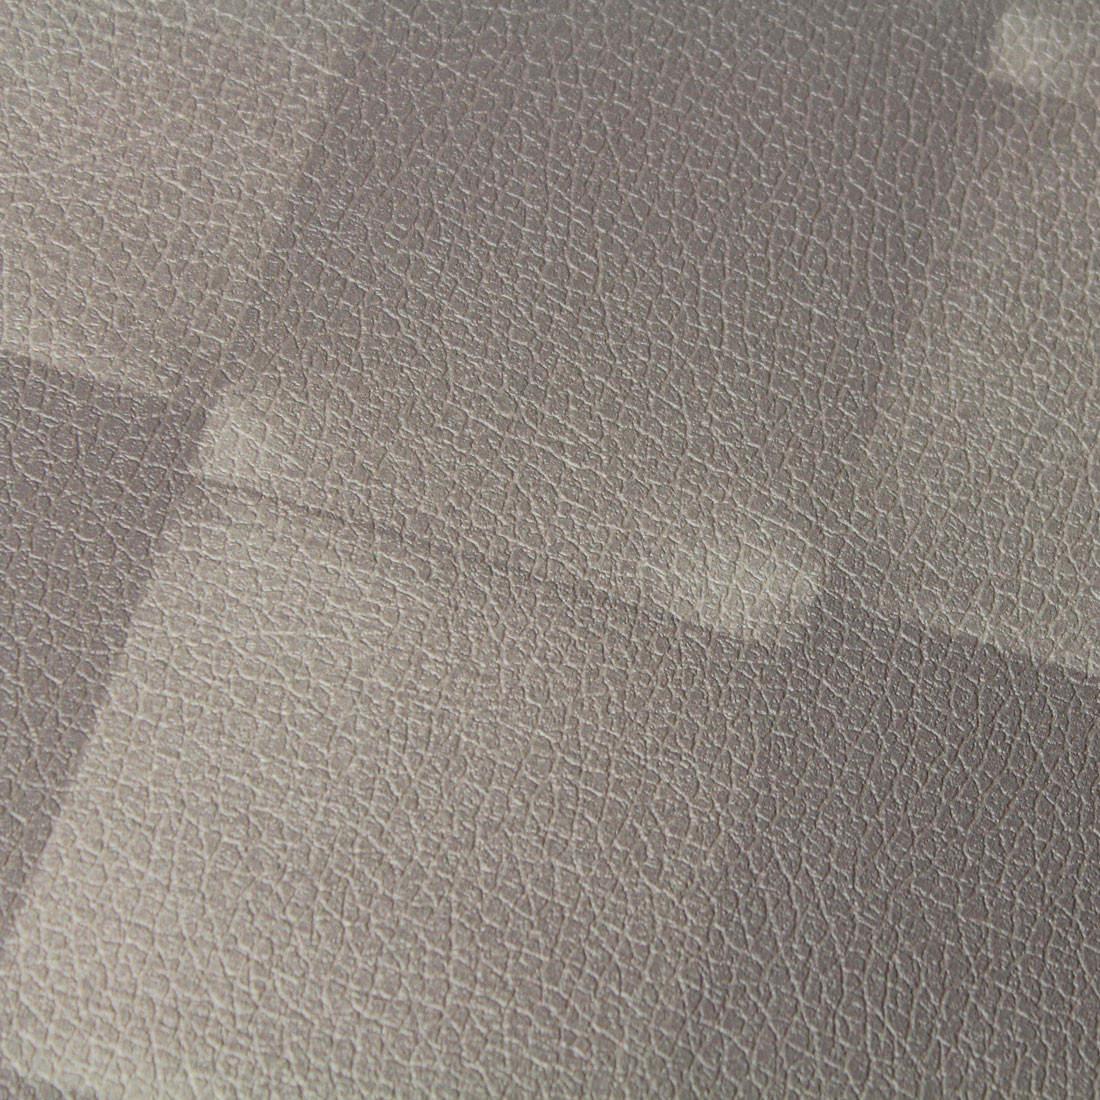 Papel de Parede Muresco Corium Couro Trançado Marrom Texturizado